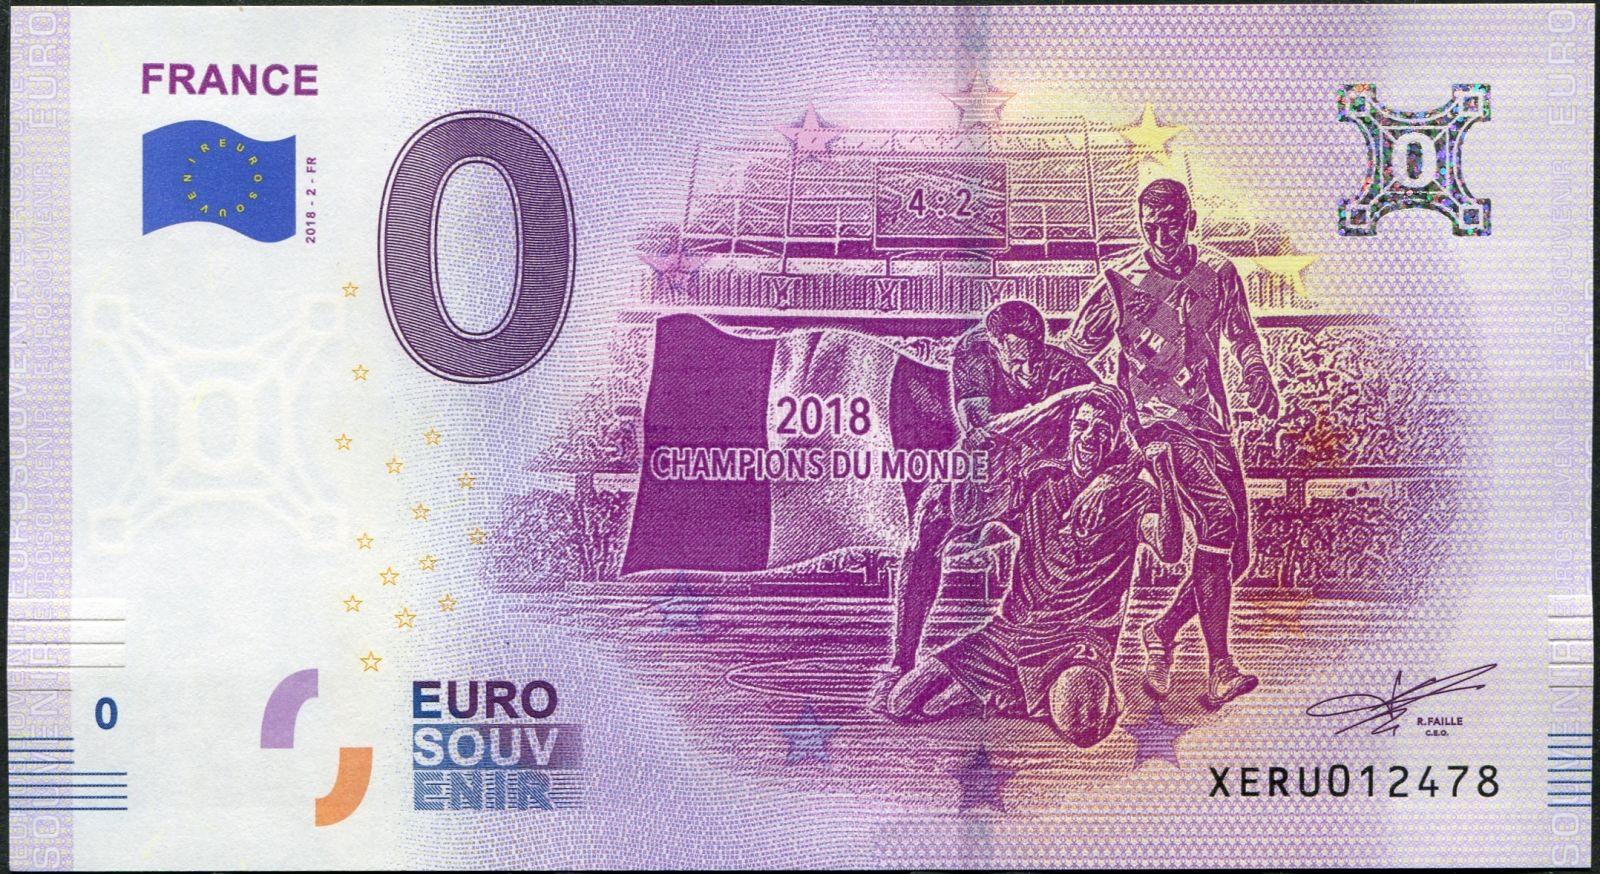 (2018-2-FR) Francie - Fotbal - € 0,- pamětní suvenýr